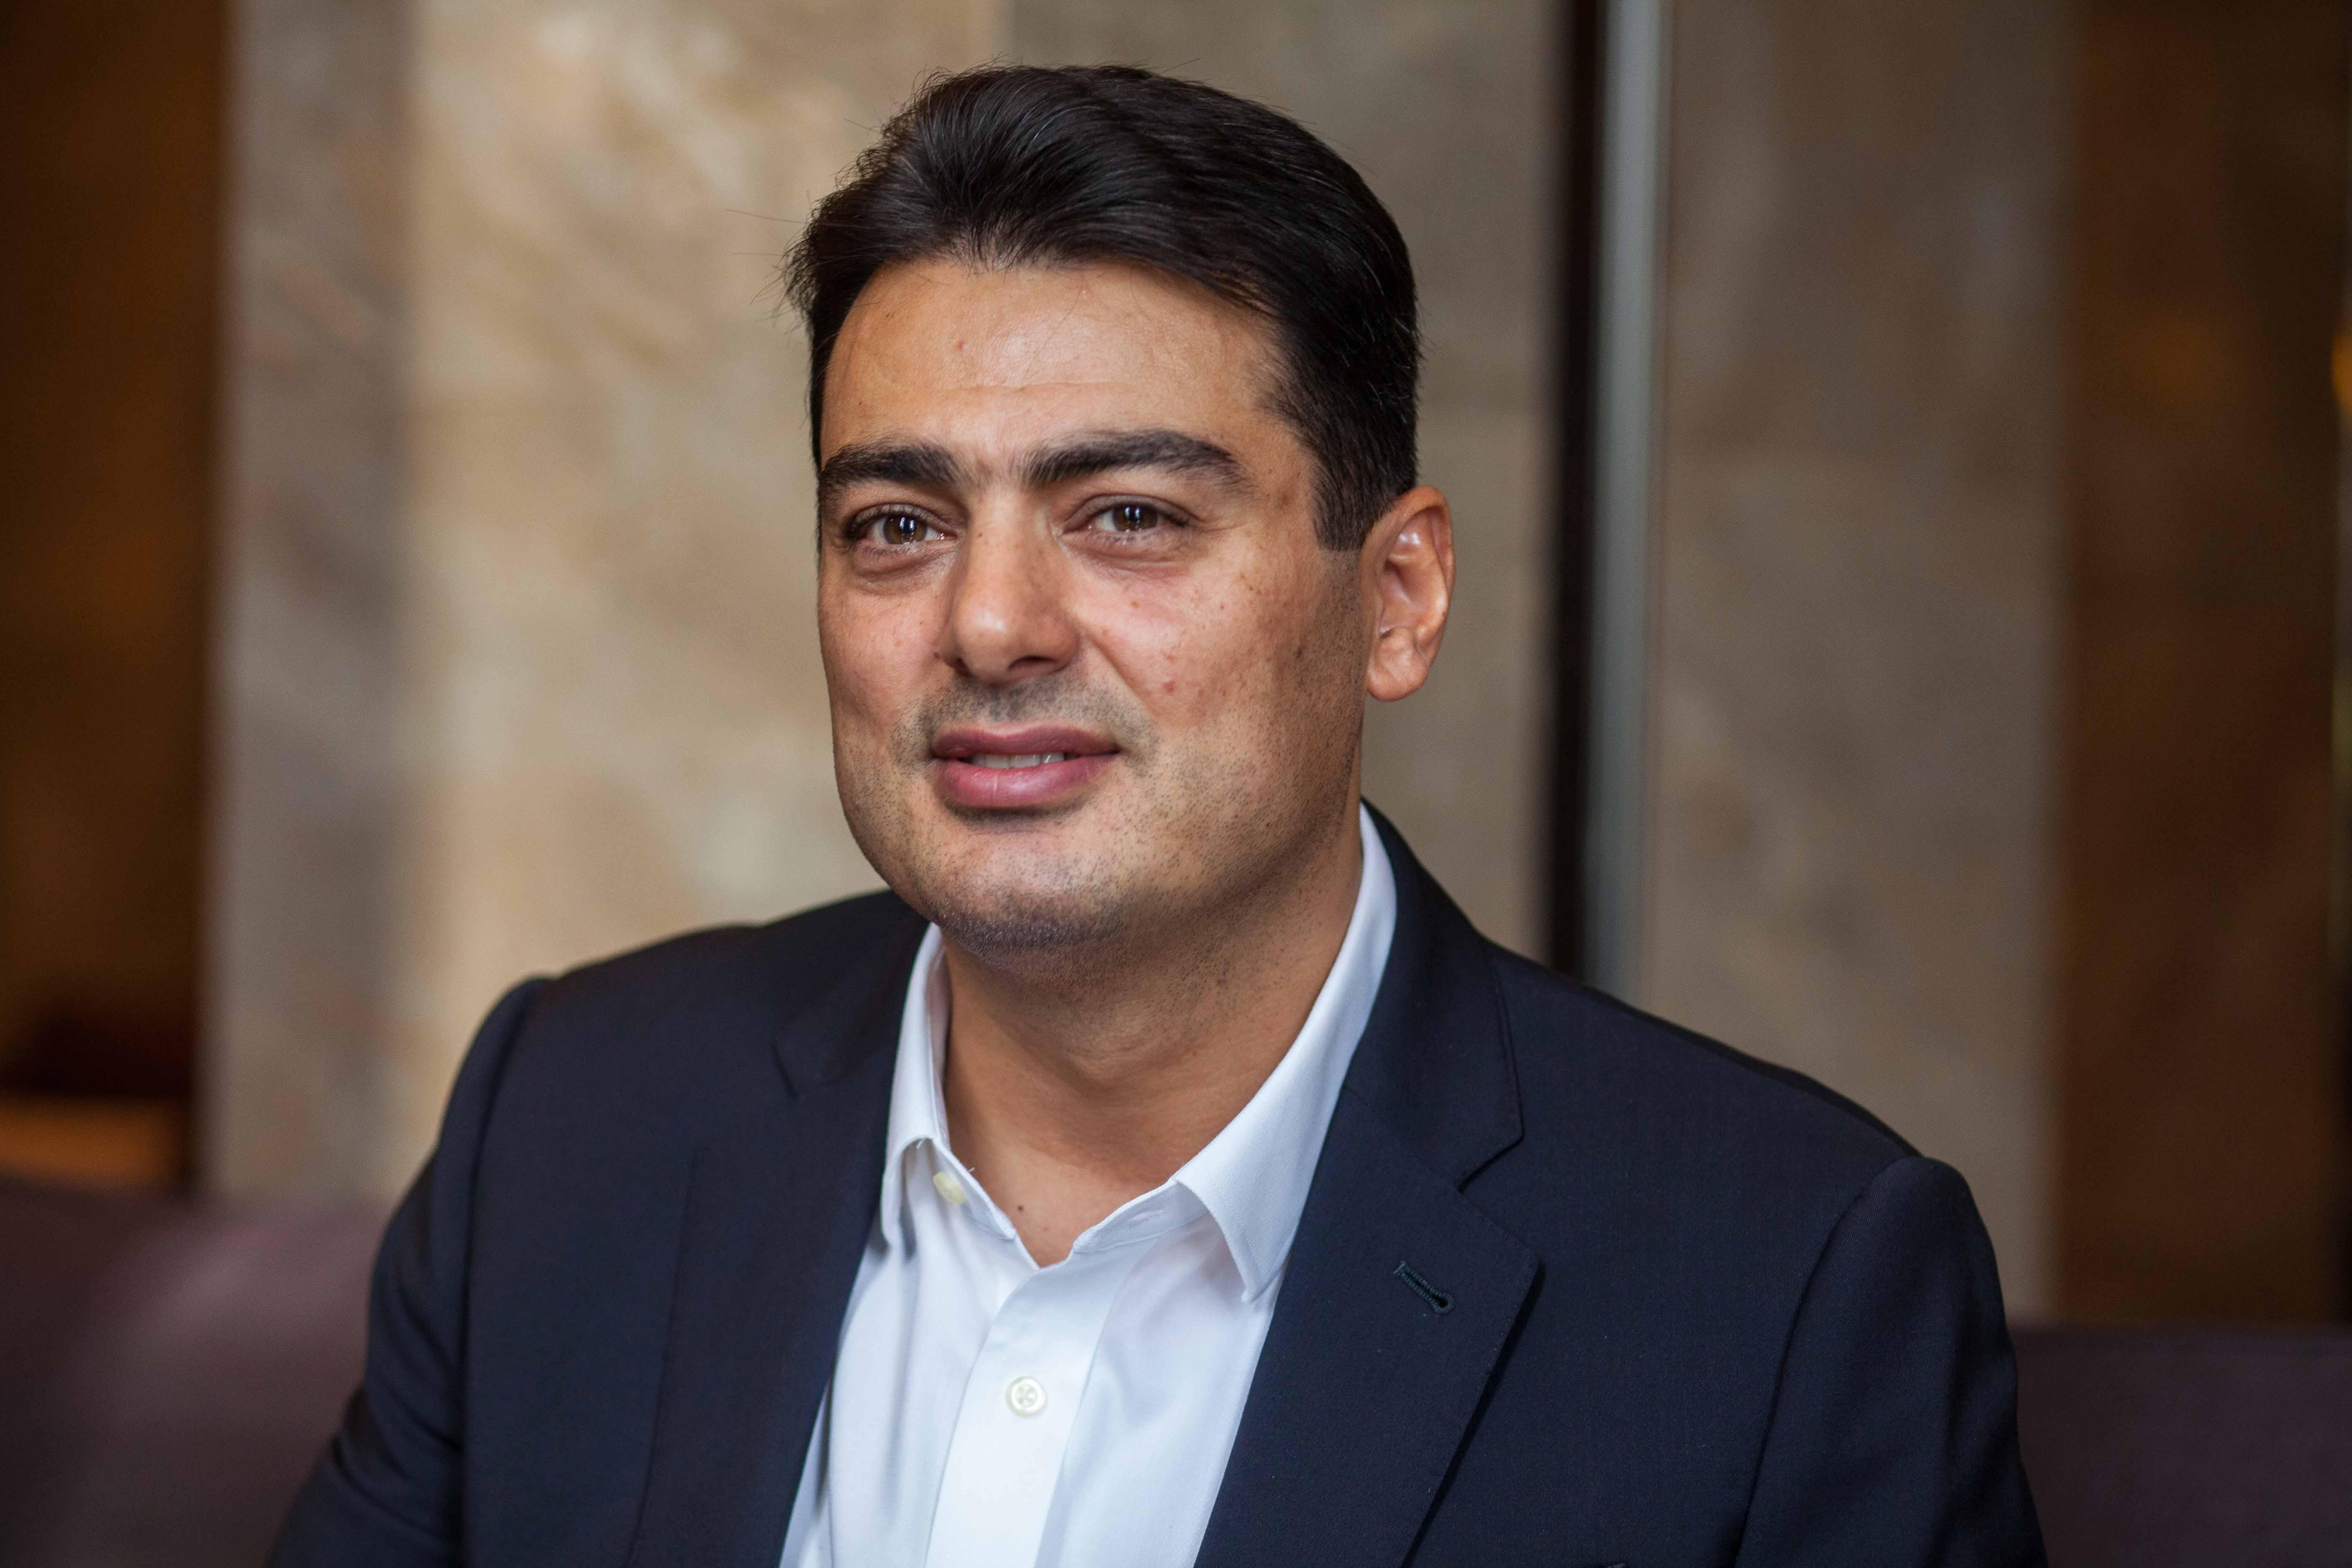 Турецкий бизнесмен рассказал об особенностях ведения строительного бизнеса в Украине